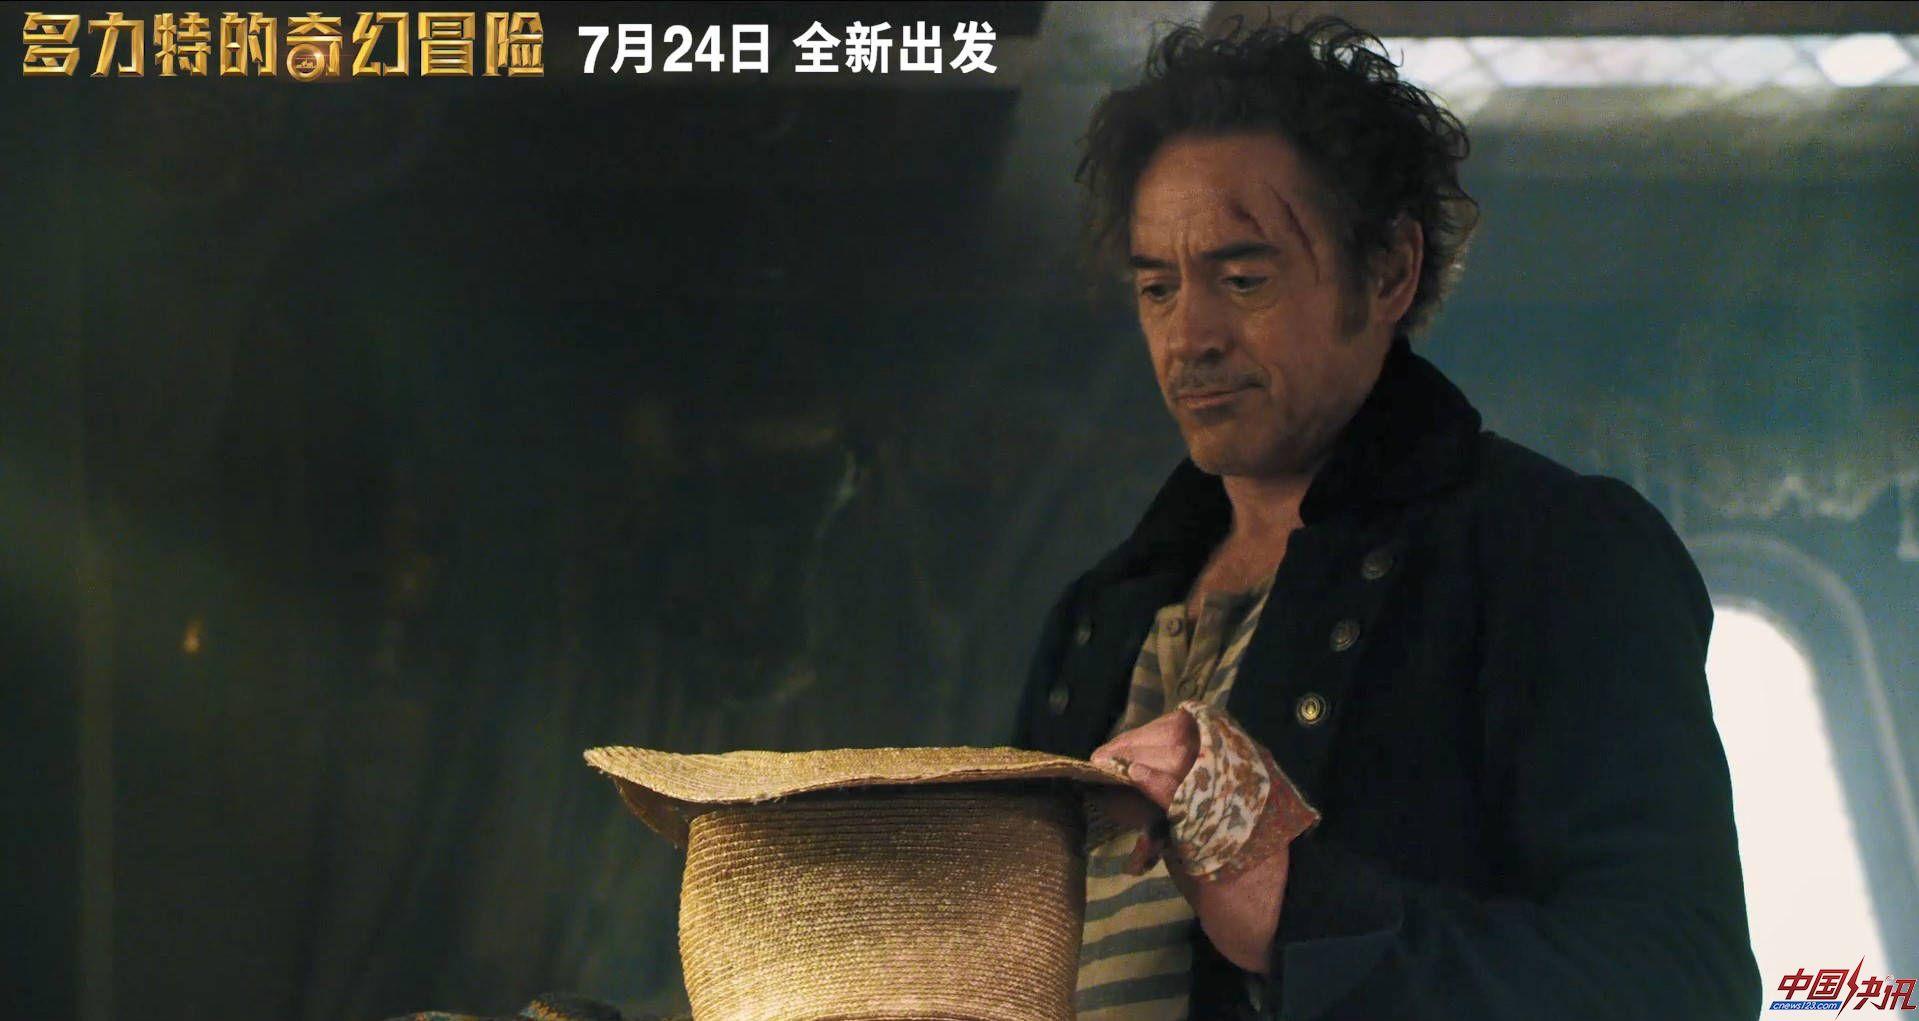 《多力特的奇幻冒险》唐尼揭秘影片大不同 奇趣魔法世界大幕拉开